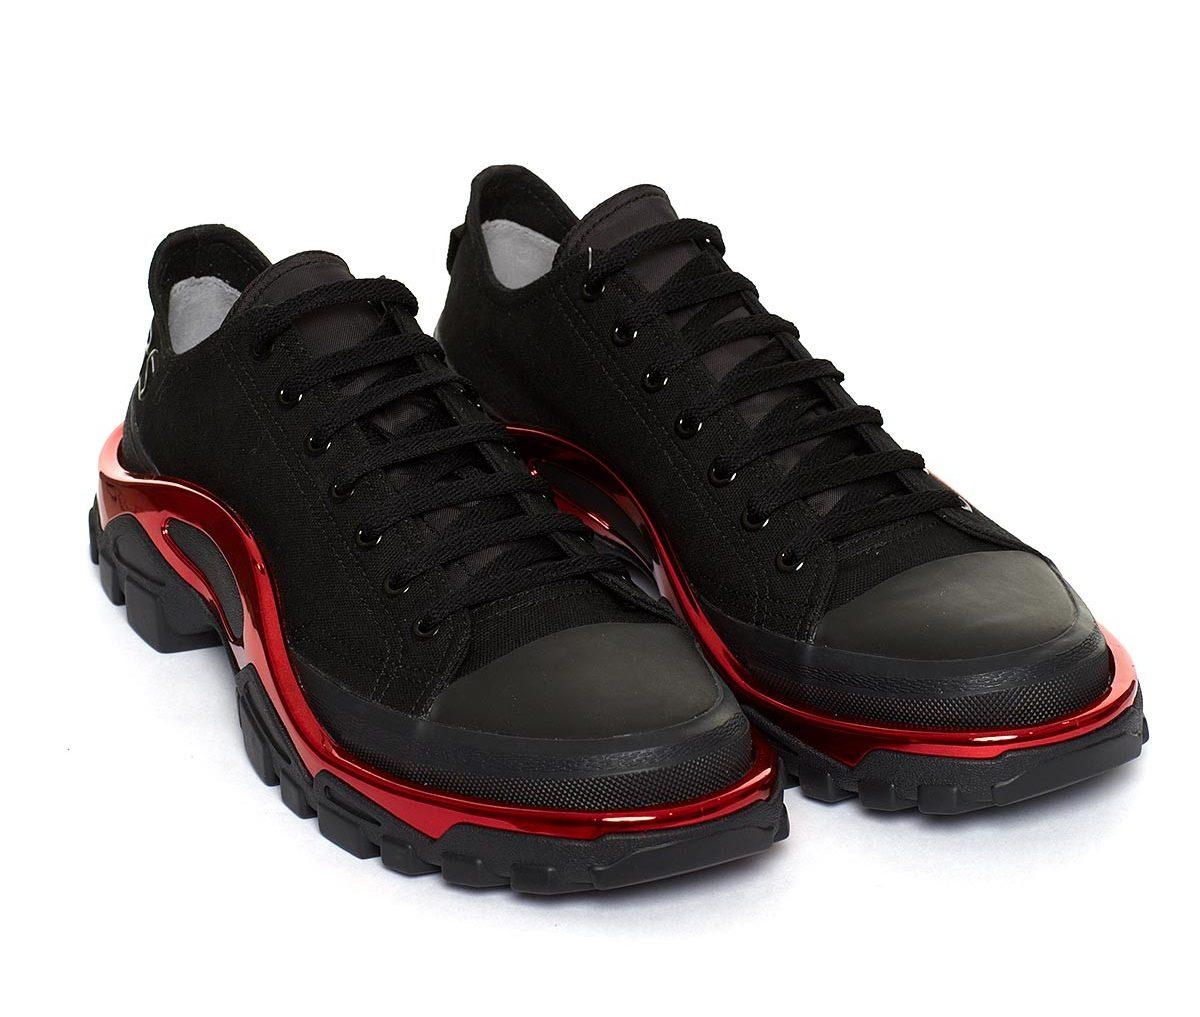 """giay the thao ugly sneakers raf simons adidas new runner elle man e1503308241963 - 9 thiết kế giày thể thao """"Xấu Lạ"""" đáng chú ý nhất hiện nay"""